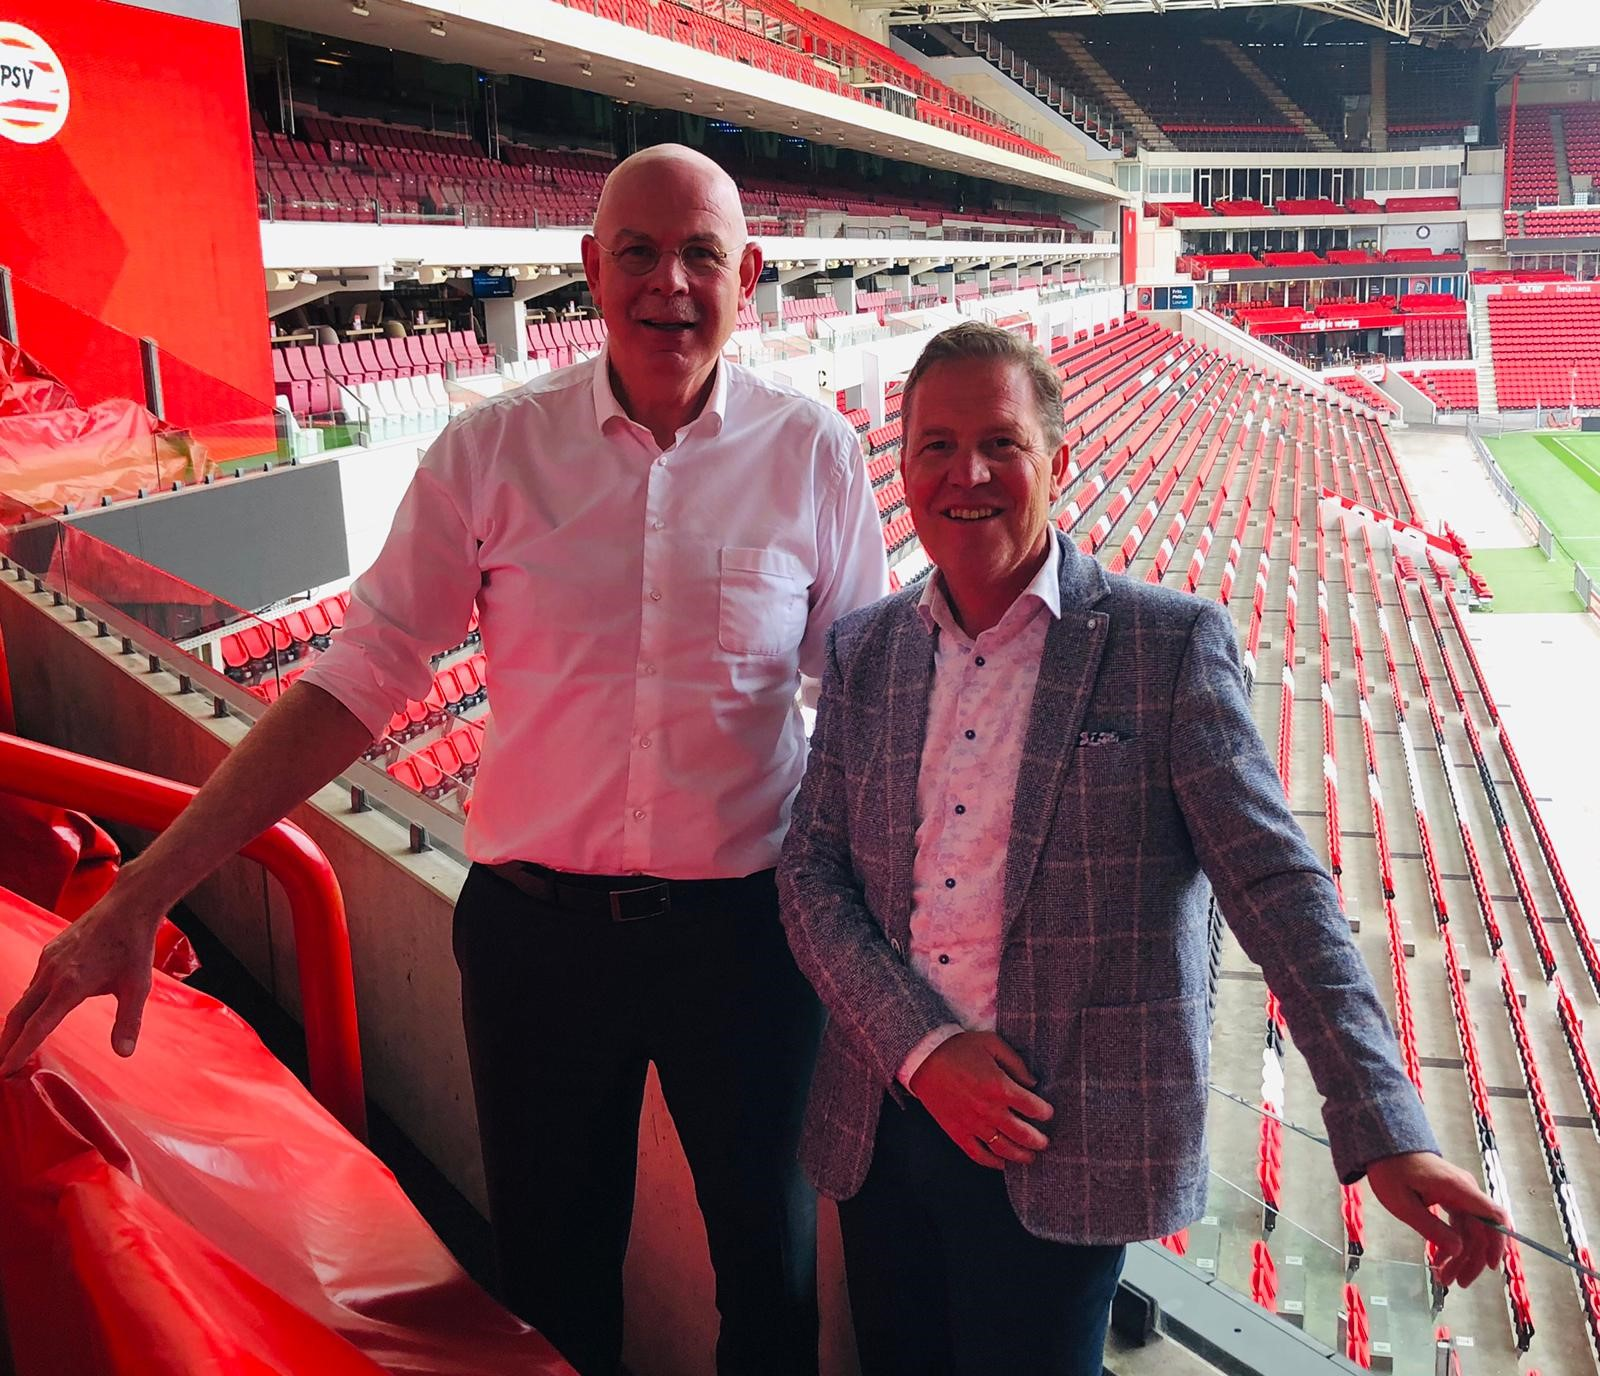 dit is een foto op een lege psv tribune van Toon Gebrands en Twan Paes. Toon gerbrands is de spreker op het webinar van wial action learning Nederland. Samen eenvoudig vooruit blijven gaan.